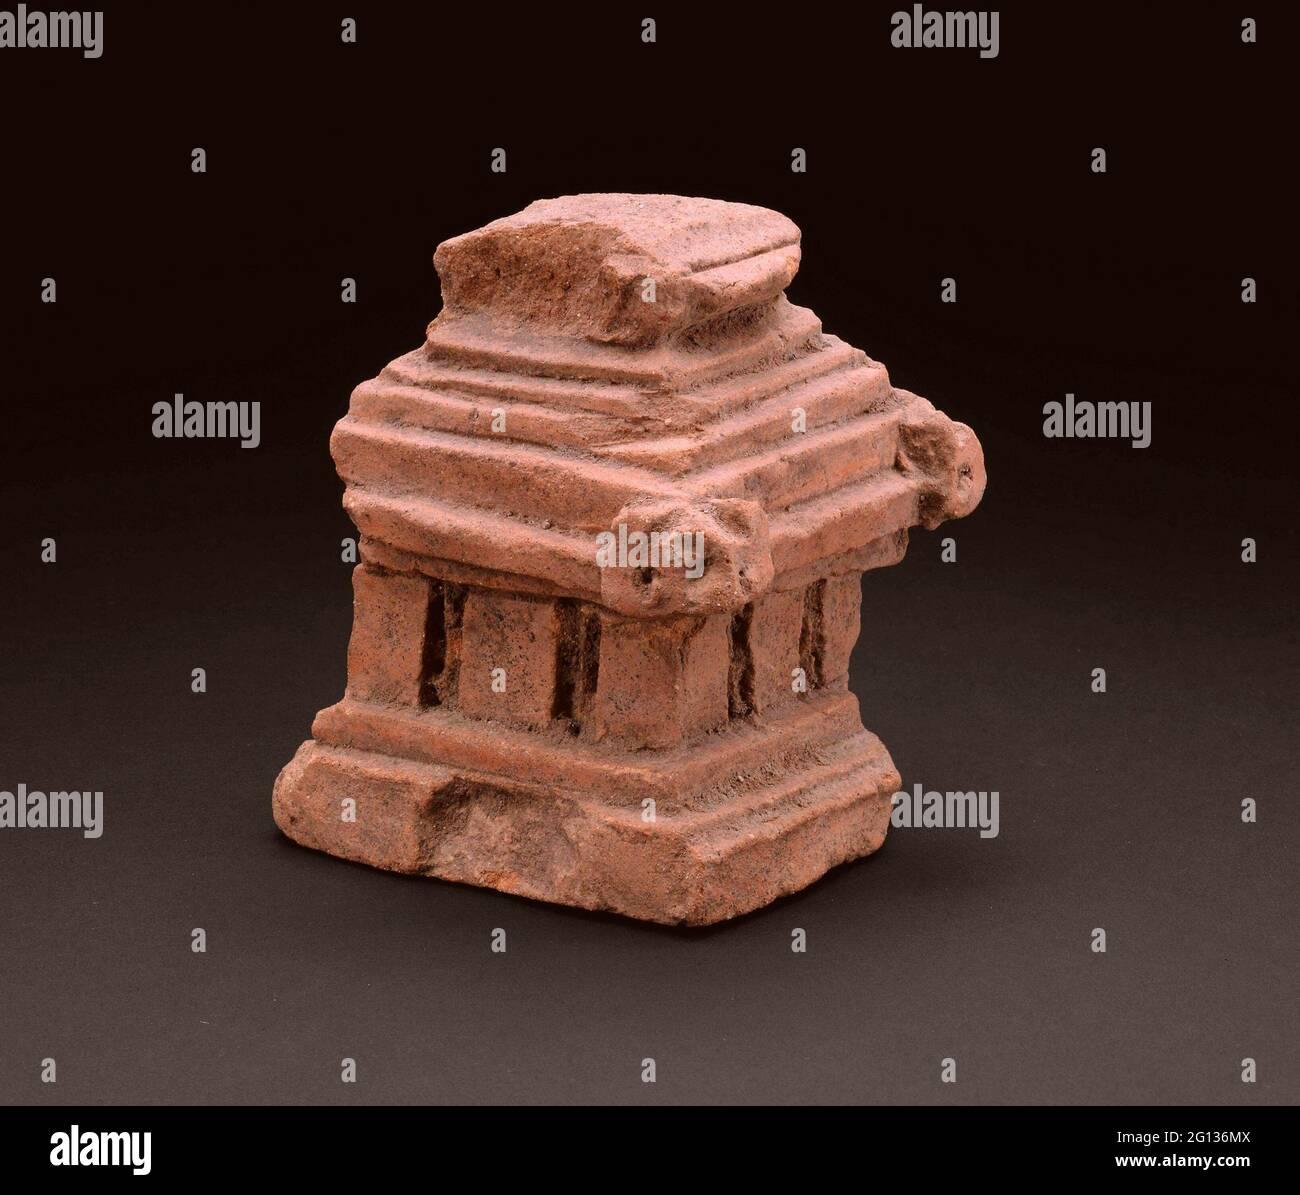 Fragment d'un modèle architectural - 14ème/15ème siècle - Indonésie Java oriental. Terre cuite. 1301 - 1500. Banque D'Images